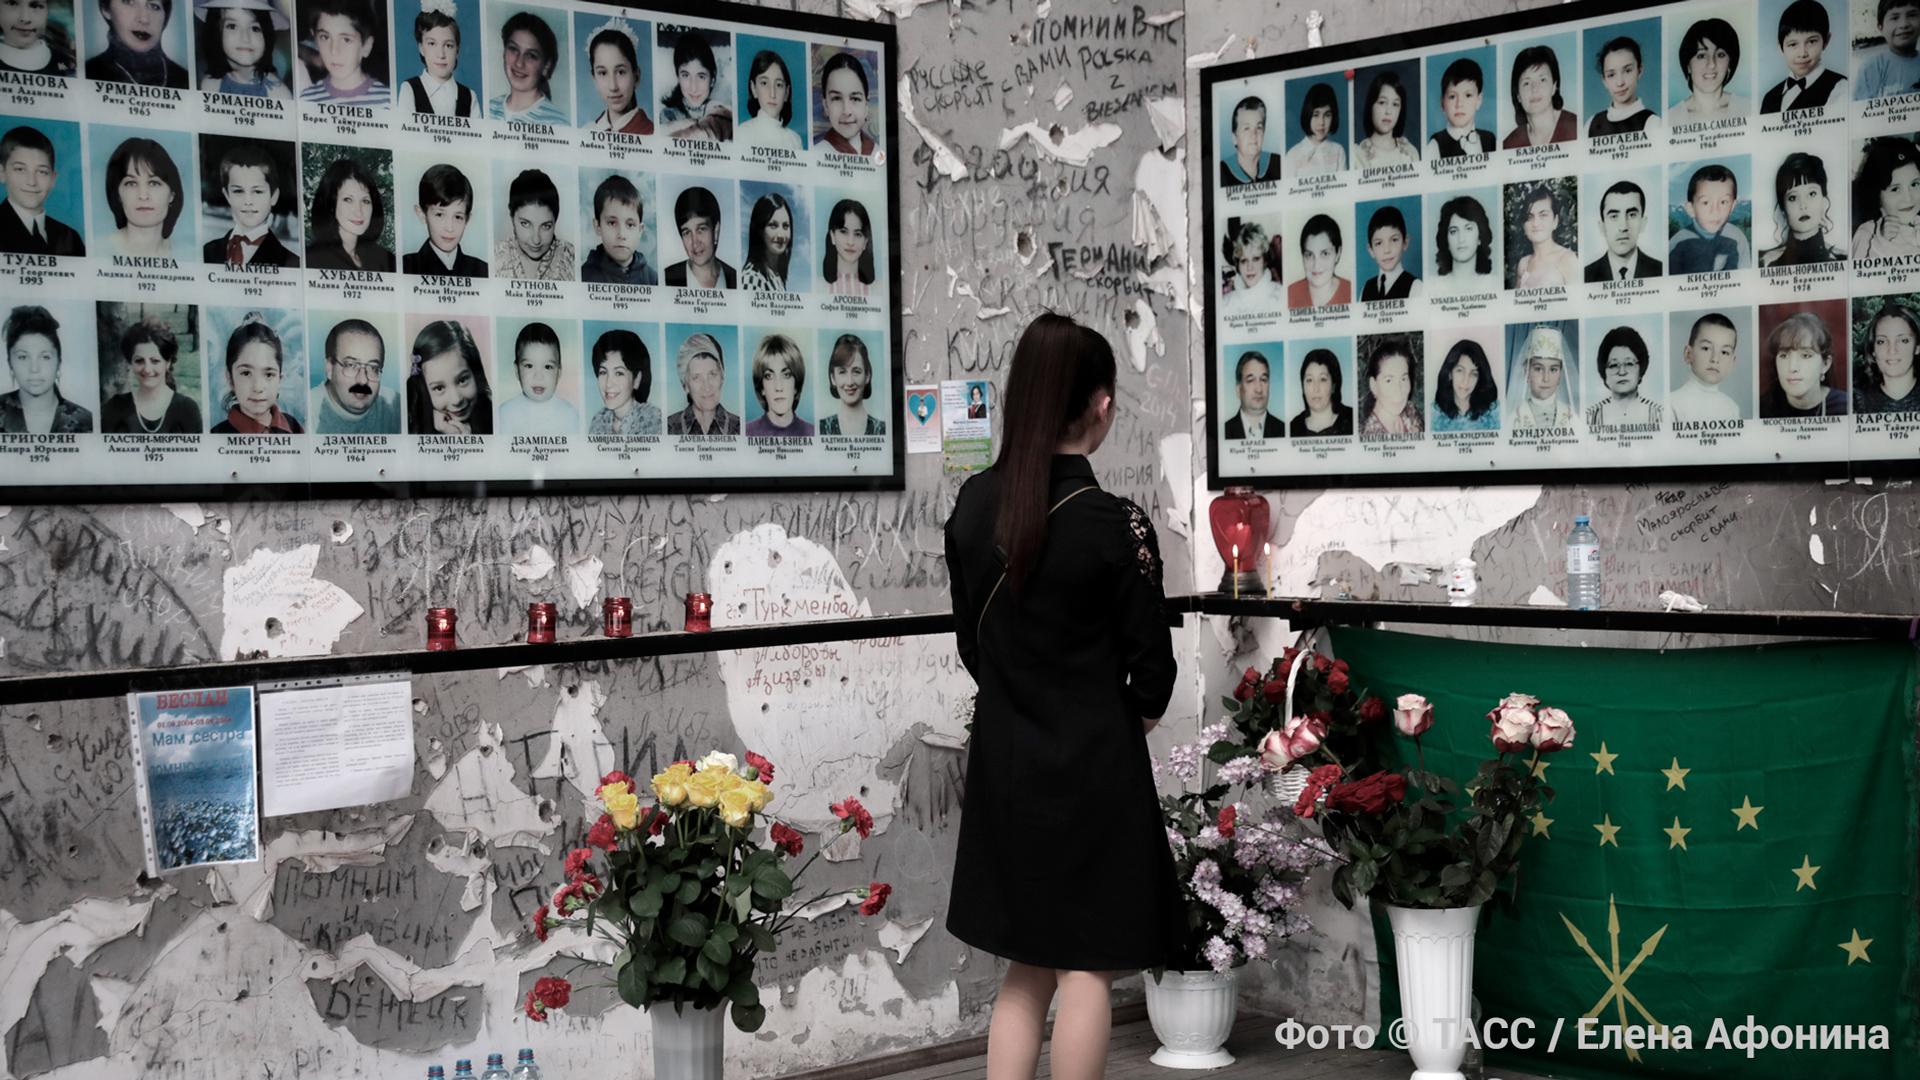 Горе Беслана: Как происходил захват школы террористами и её освобождение в 2004 году